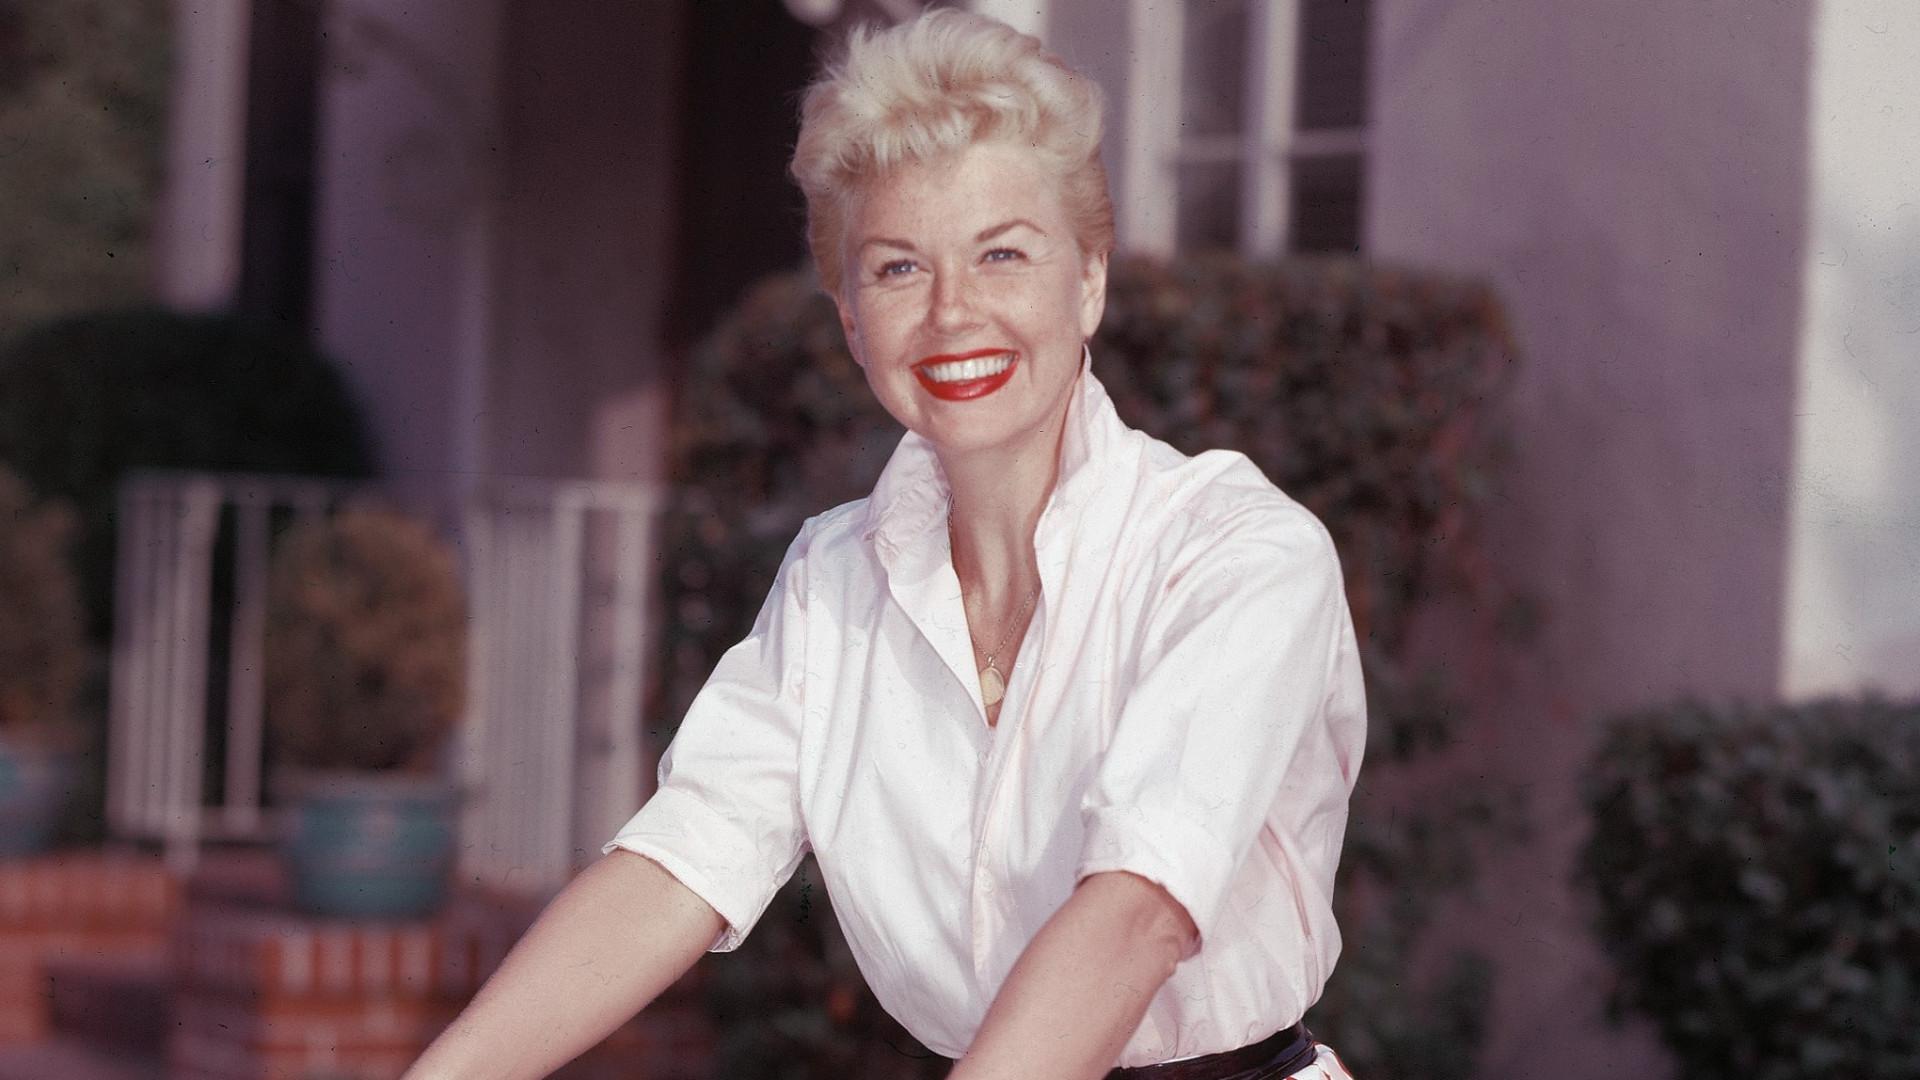 Morre, aos 97 anos, a atriz e cantora Doris Day